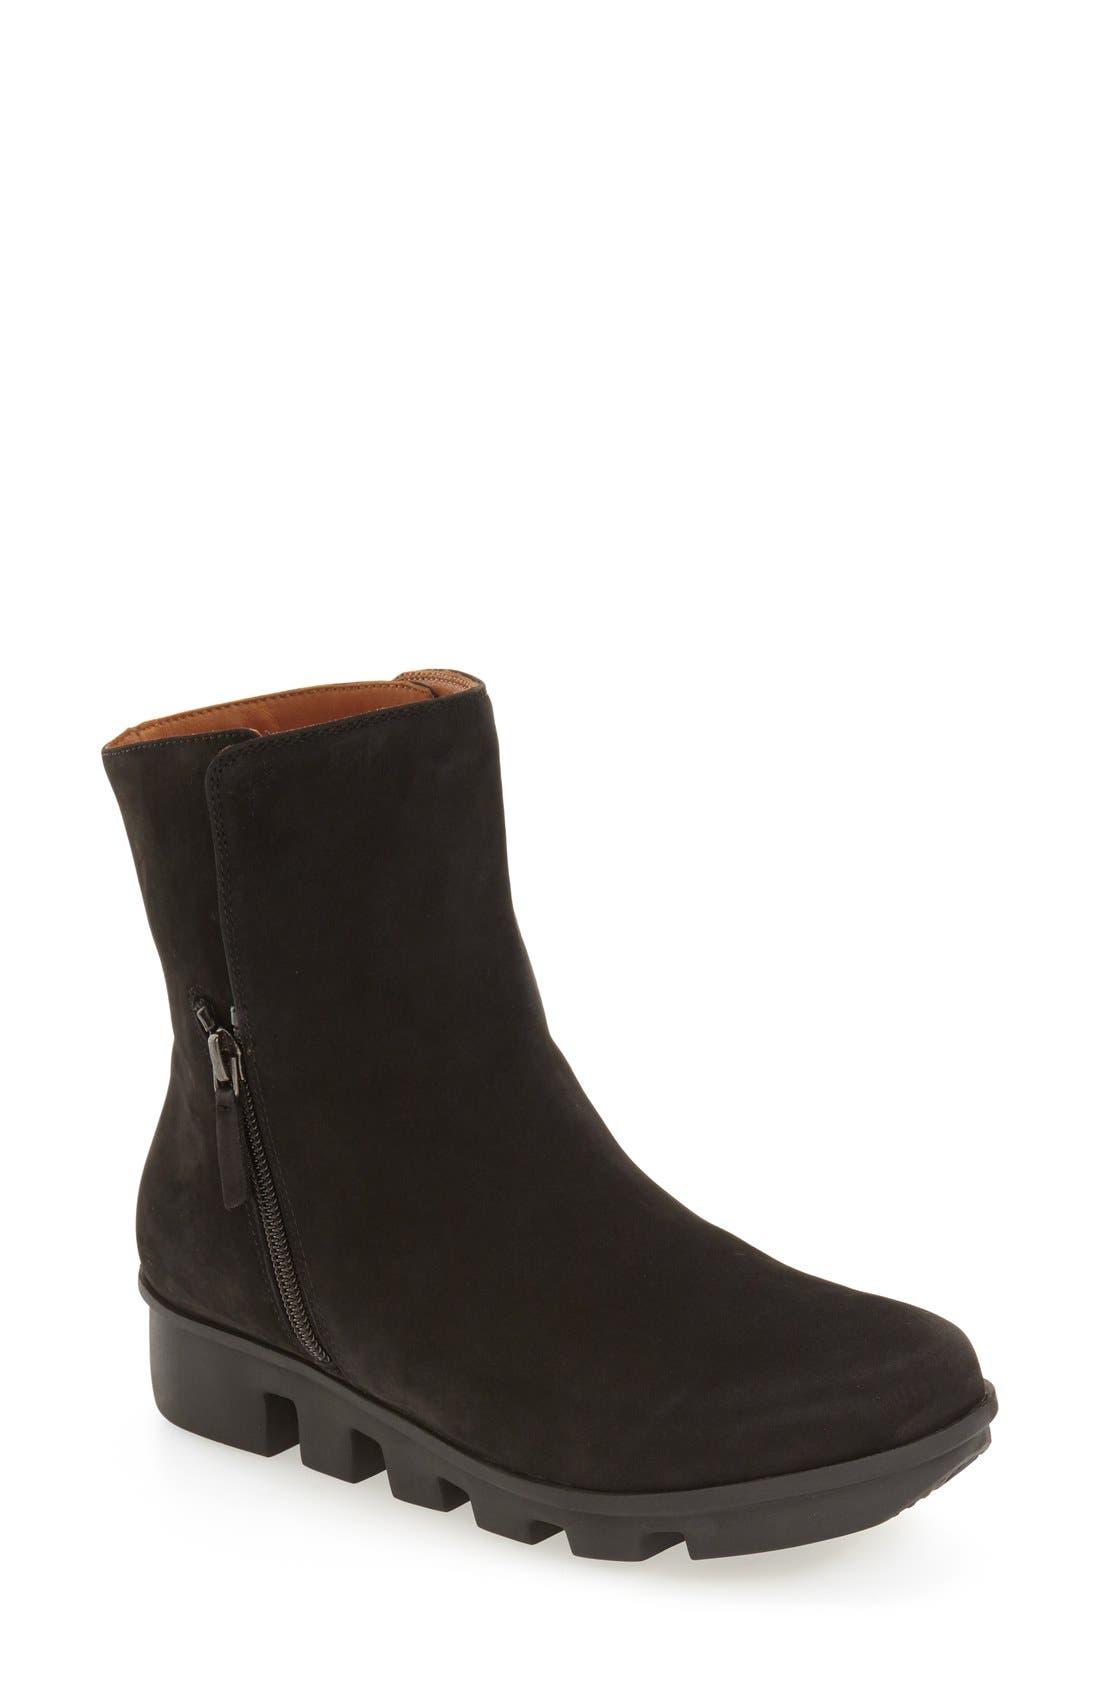 L'Amour des Pieds 'Harrietta' Boot (Women)